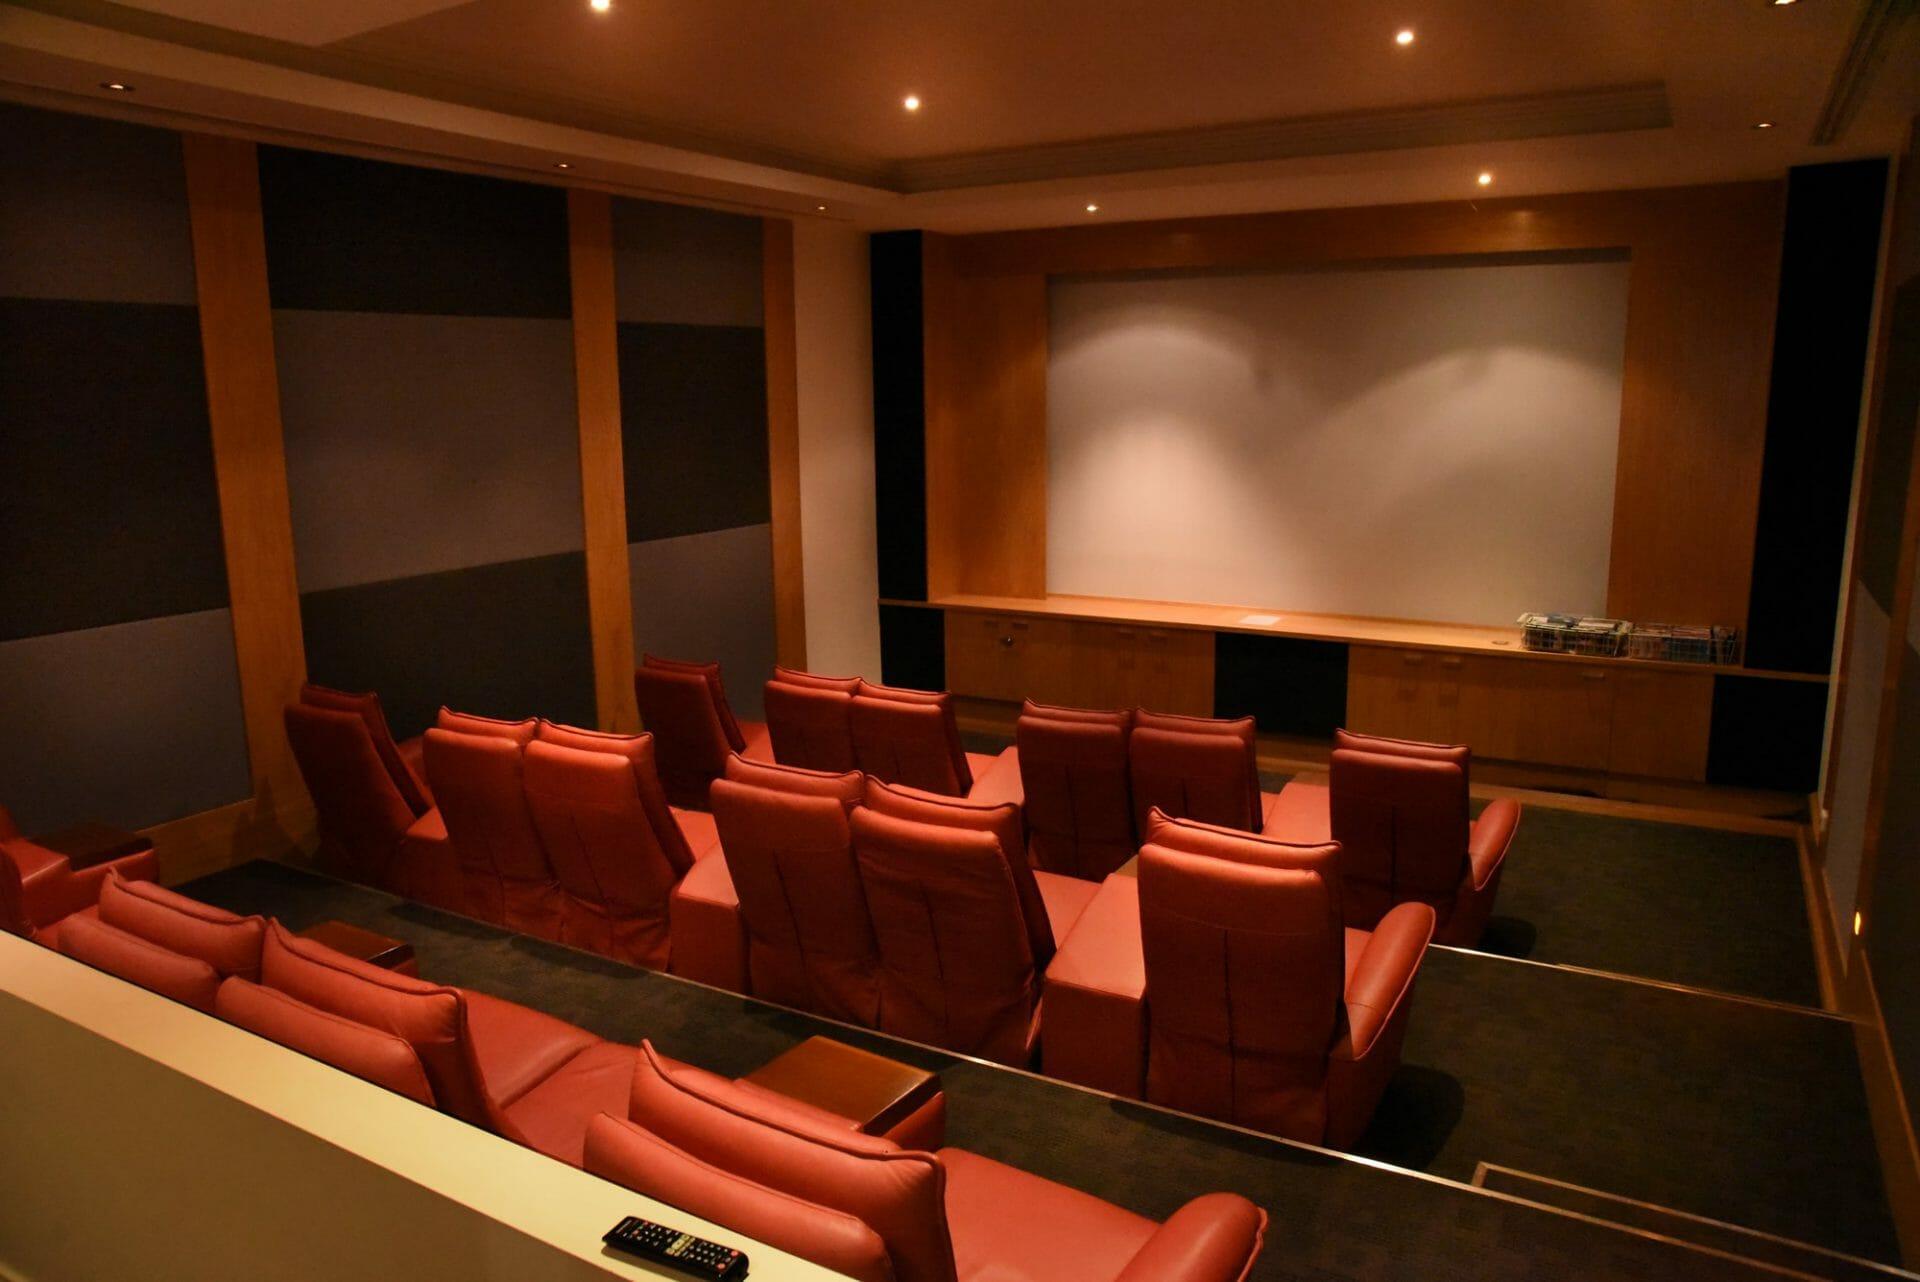 CinemaAlbury